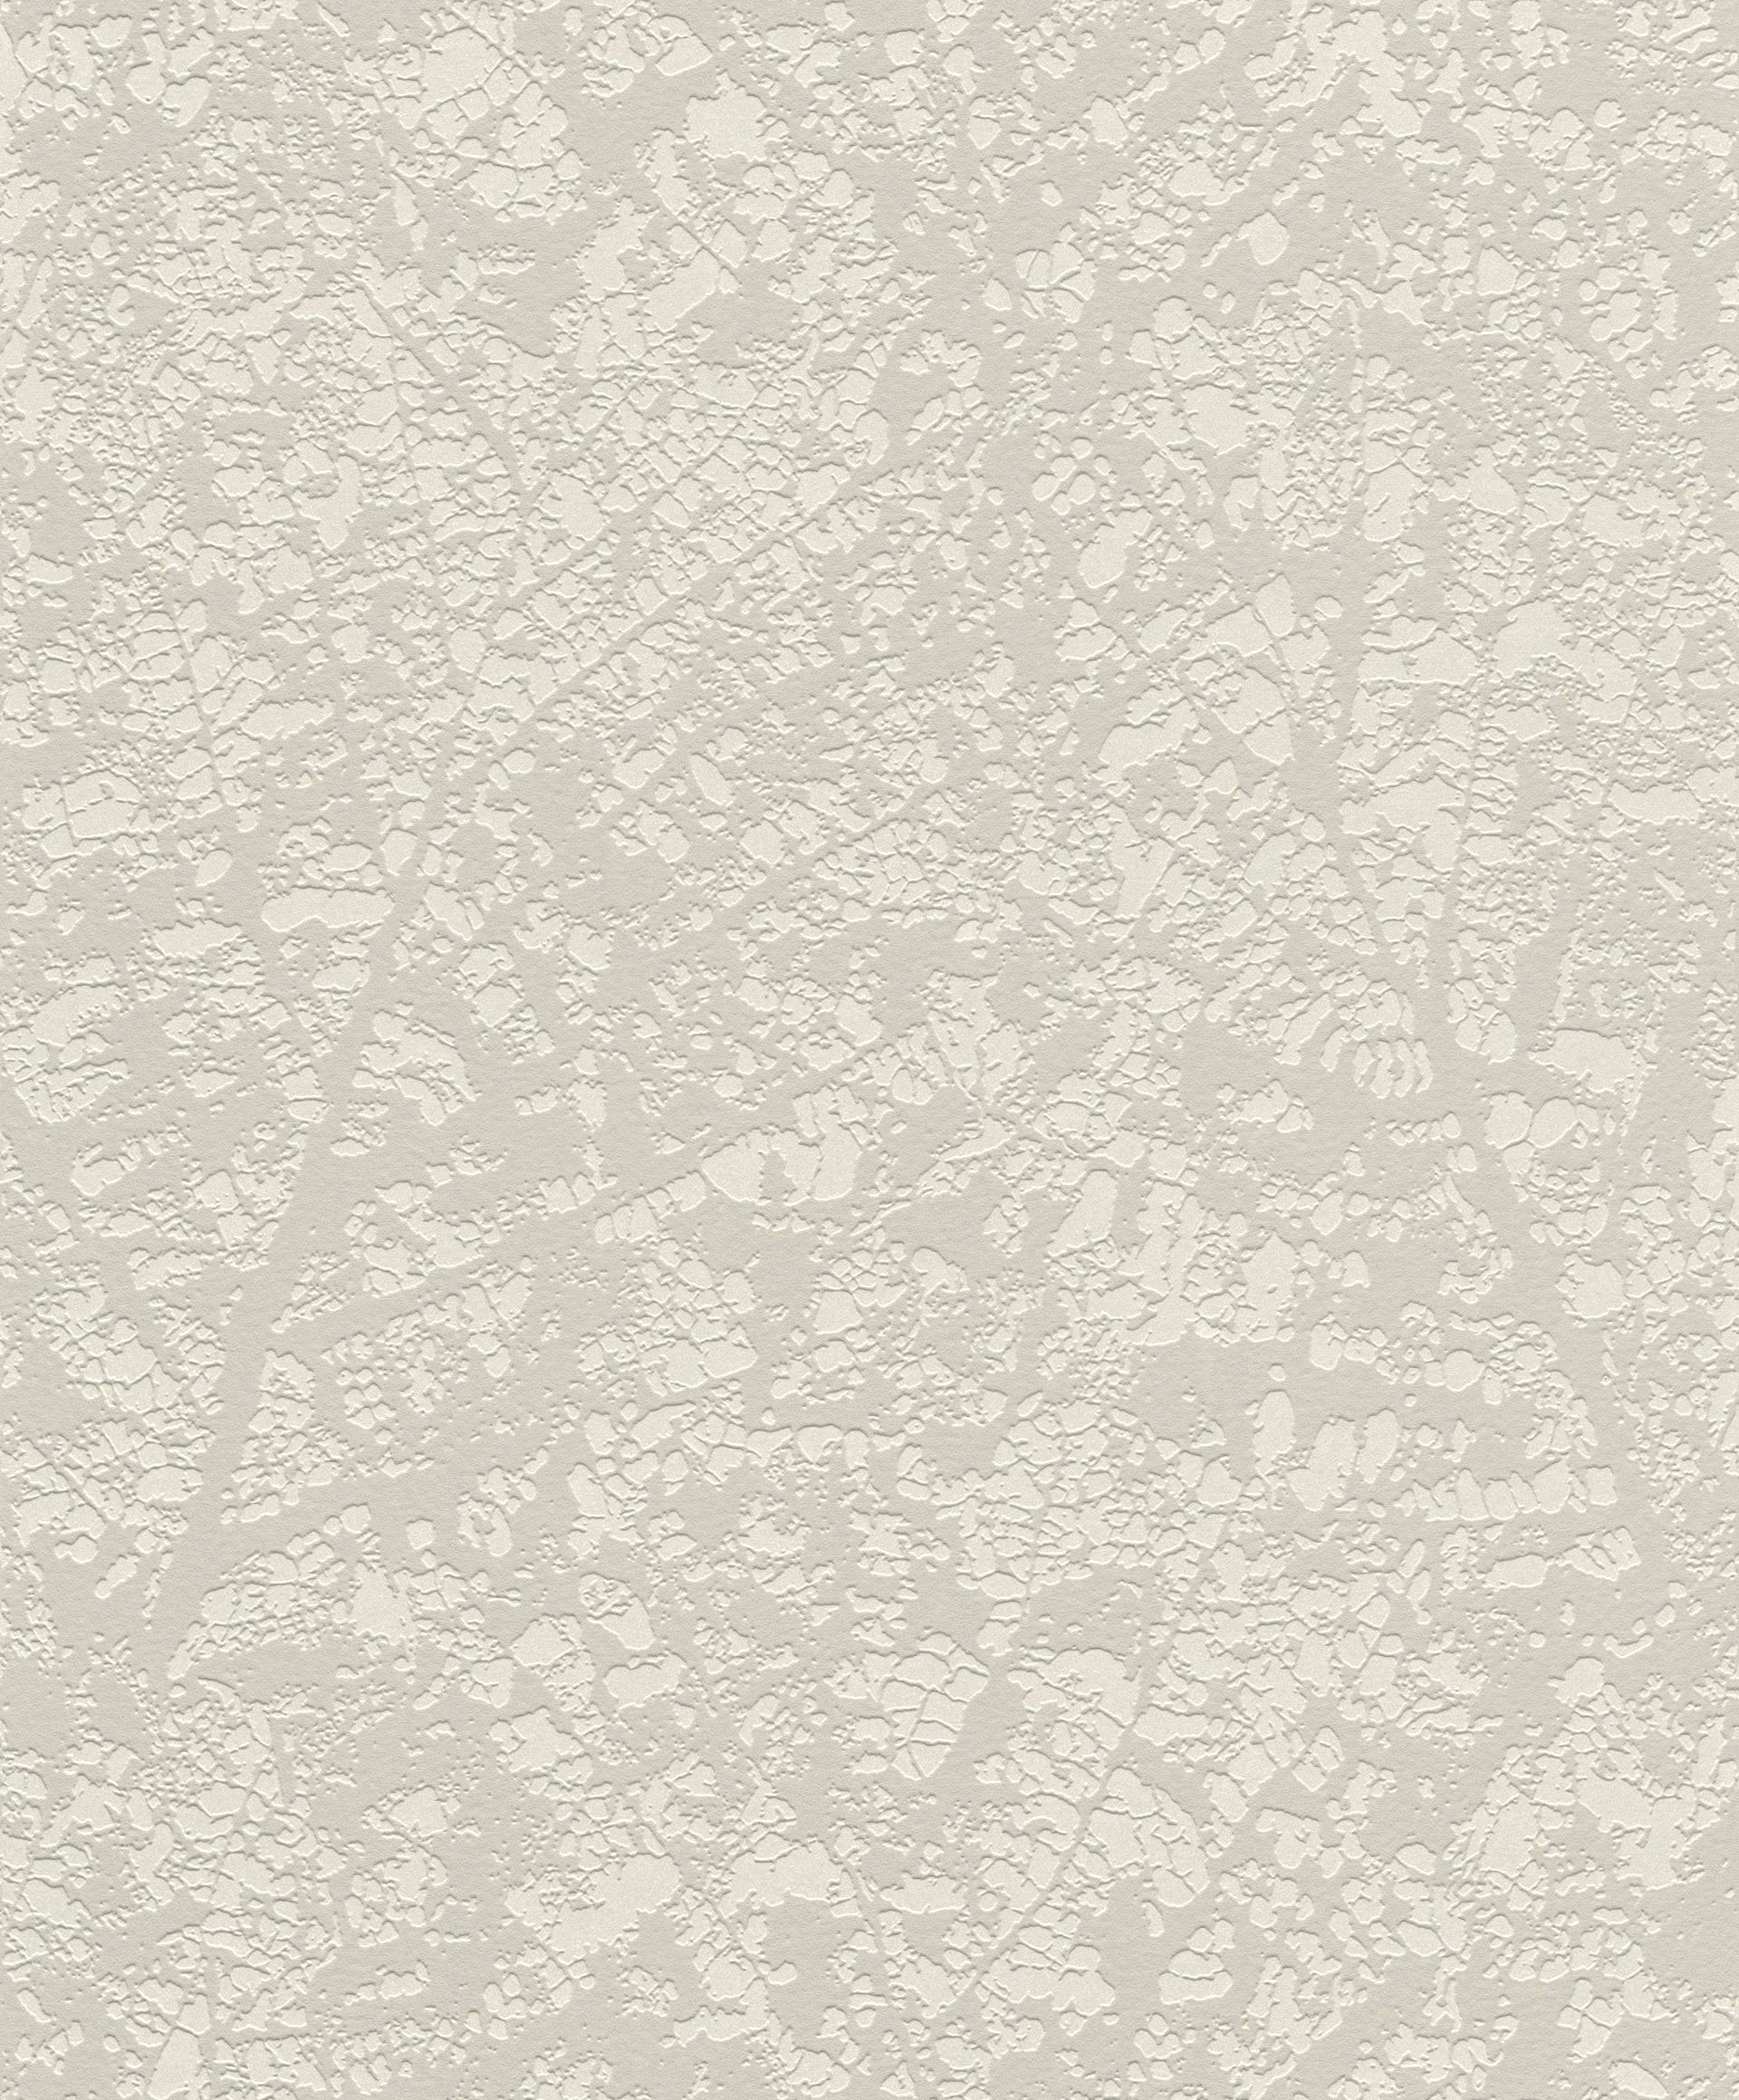 Levélerezet mintás modern tapéta bézs, krém színvilágban